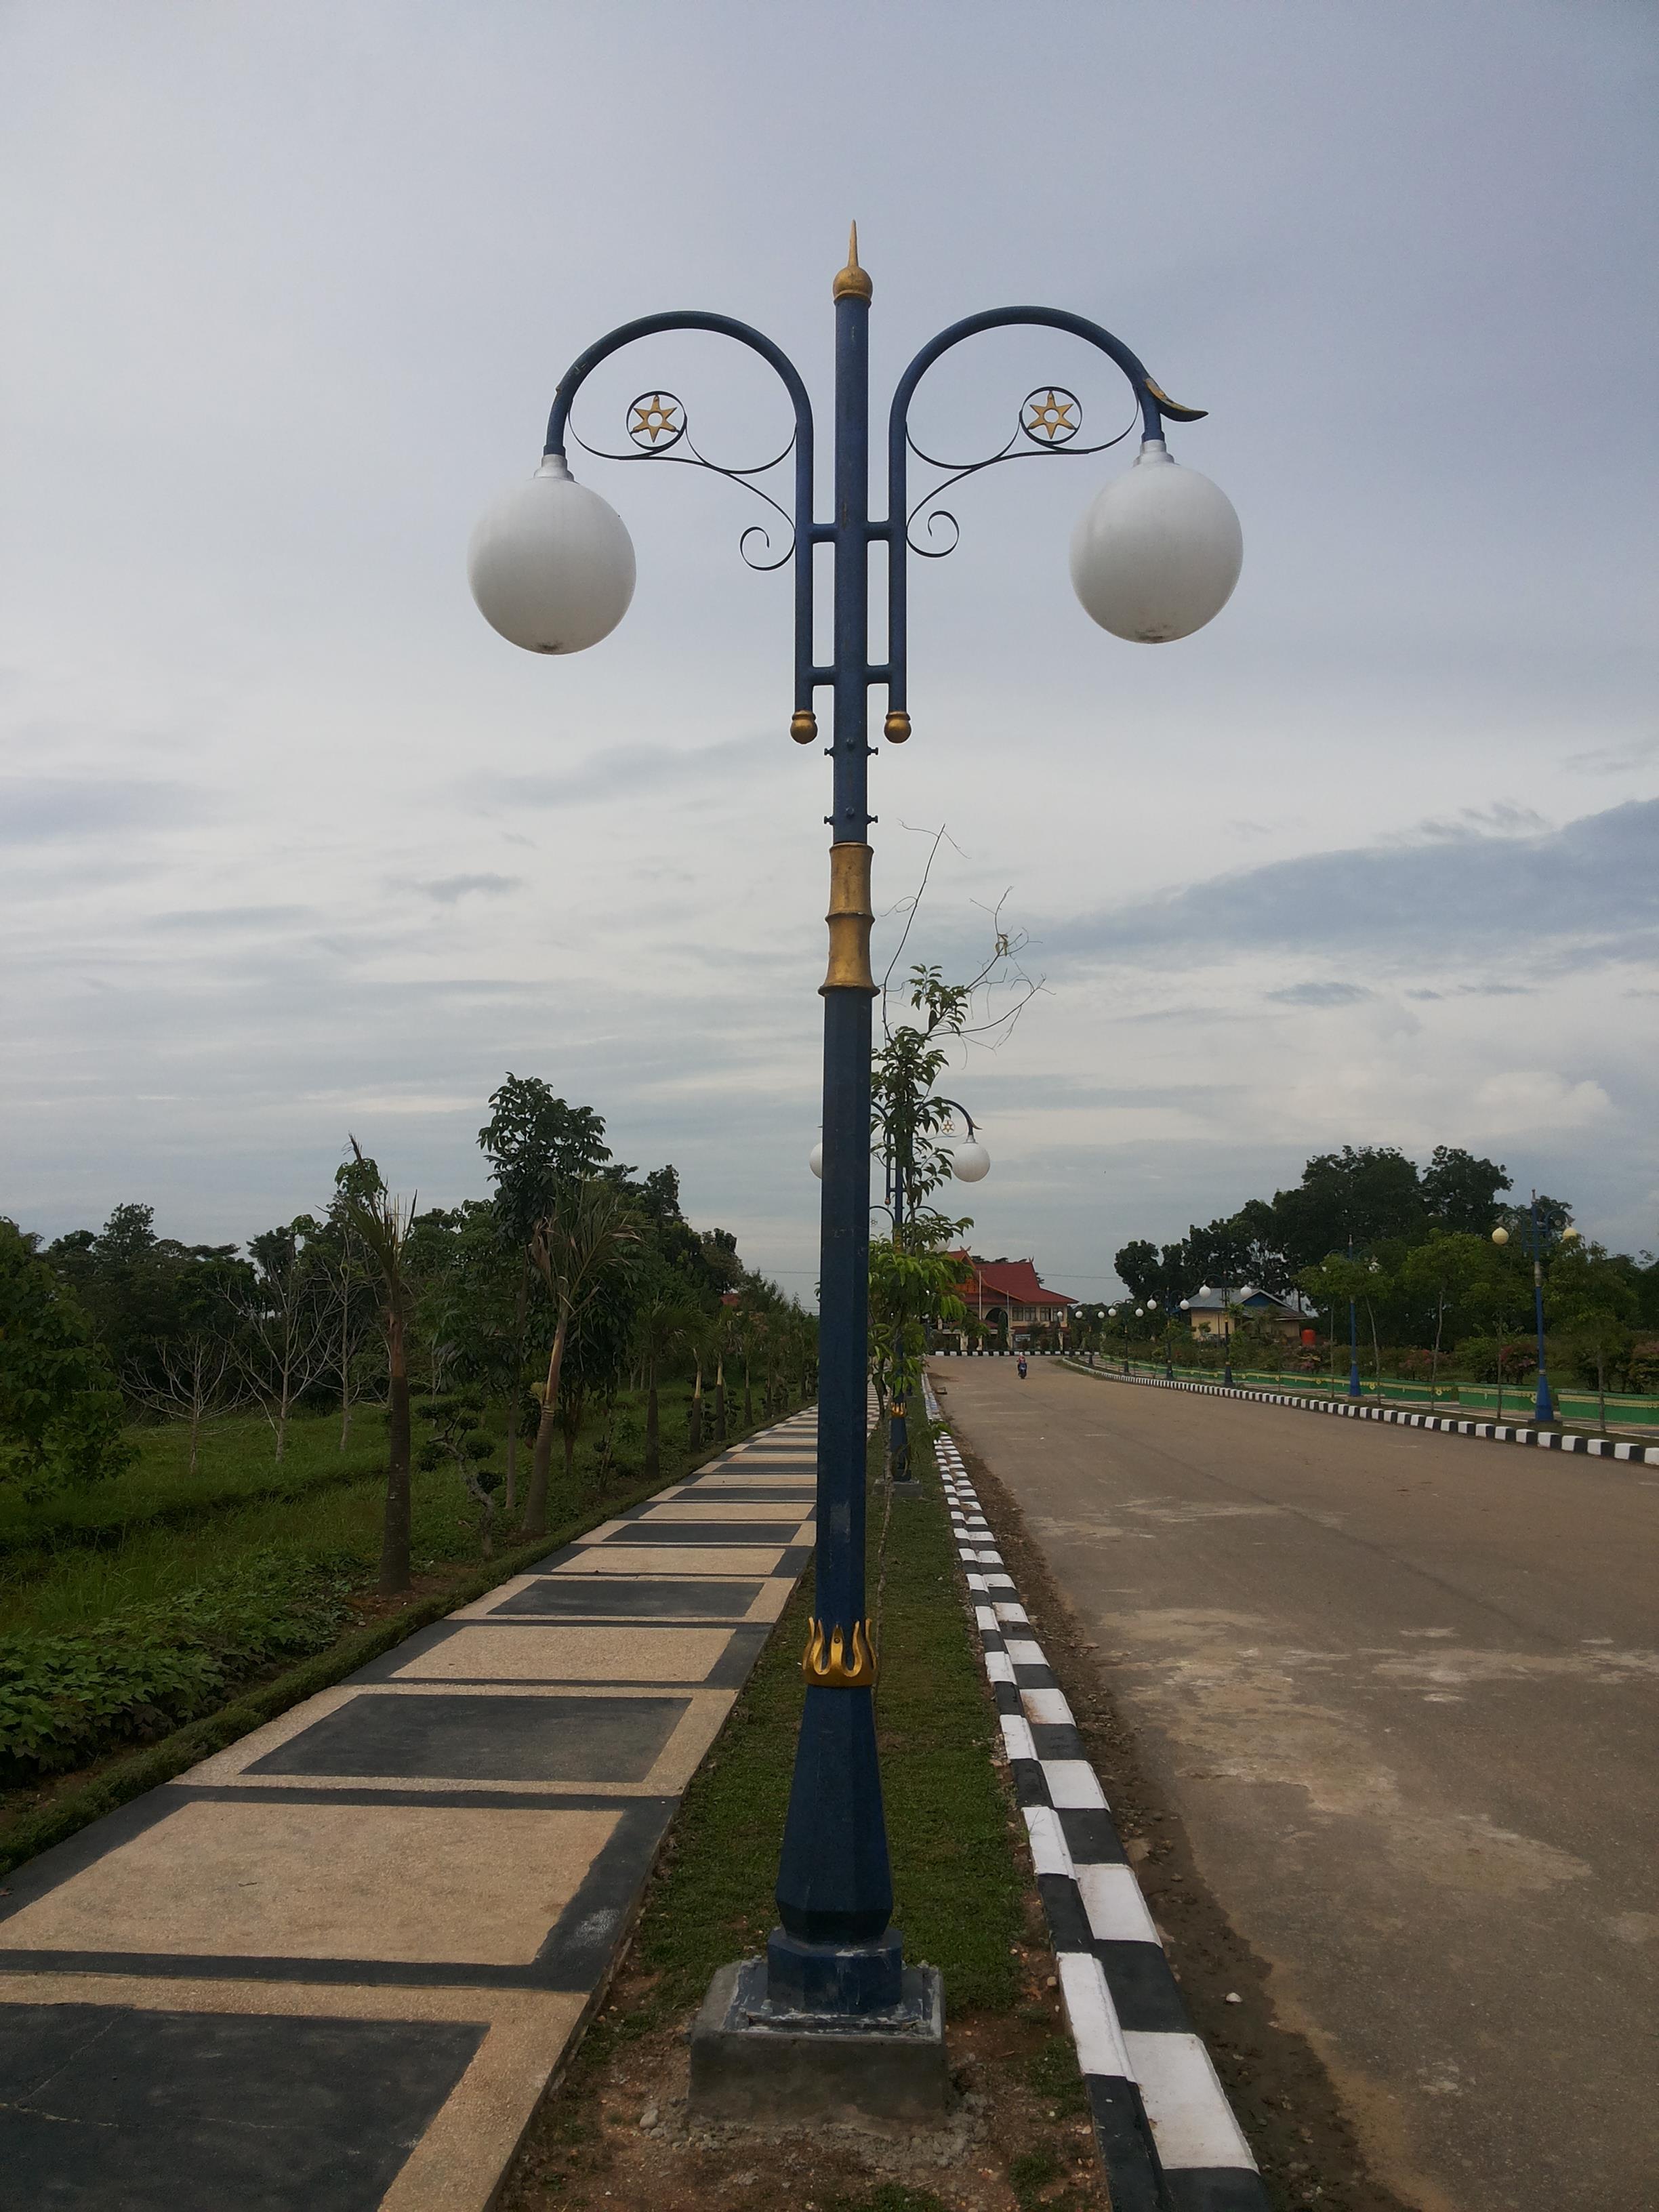 Jual Tiang Lampu Taman Type Bina Praja Harga Murah Jakarta